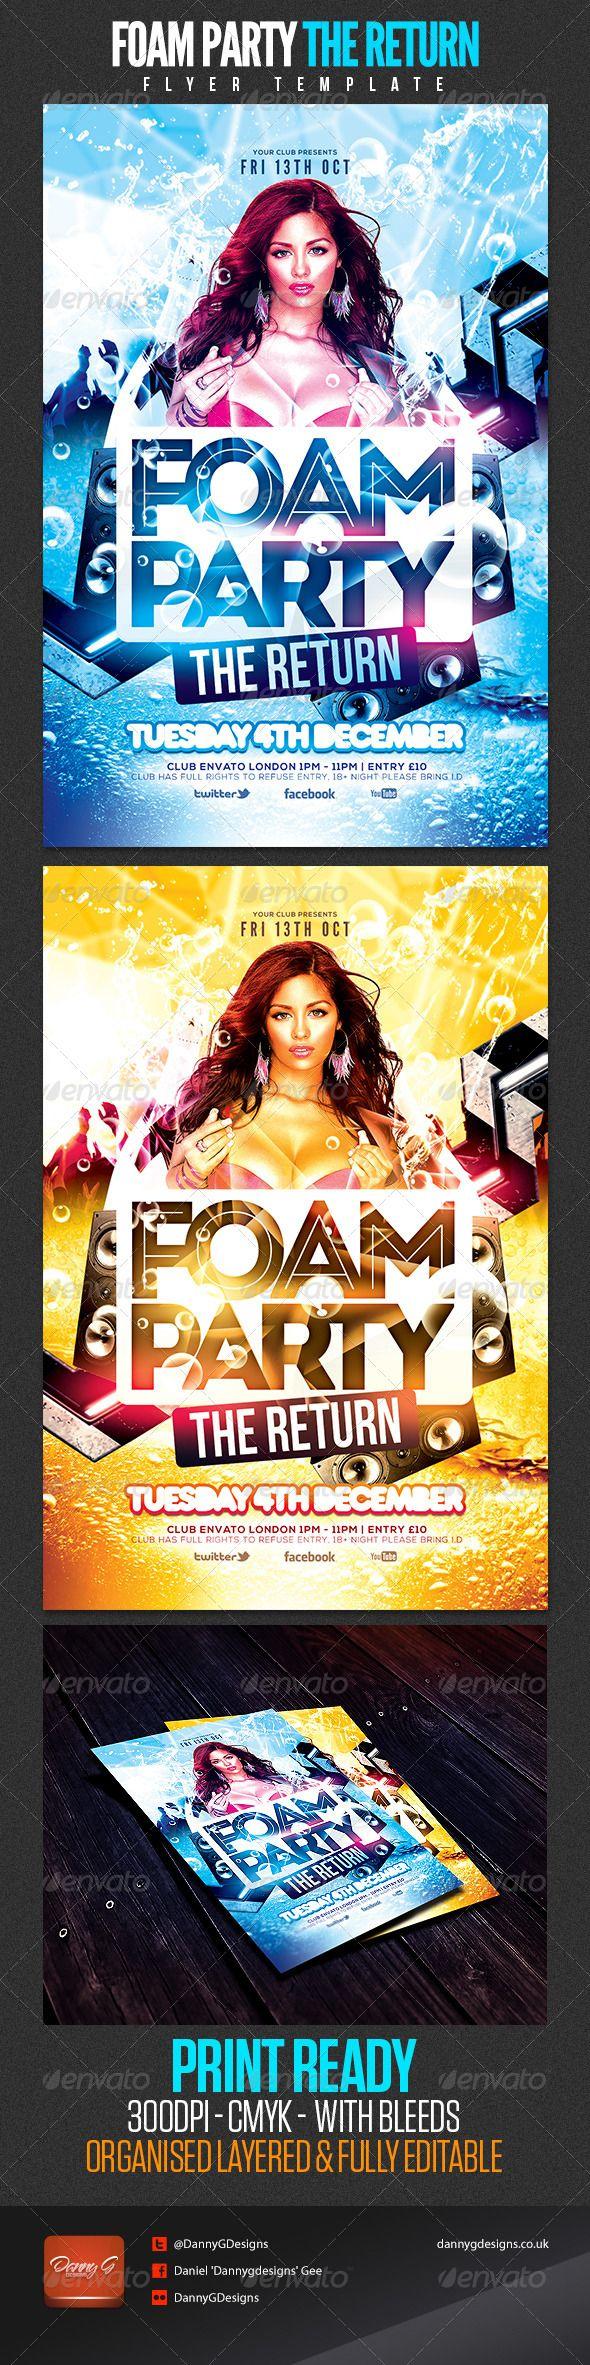 Foam Party The Return Flyer Template | Foam party, Flyer template ...